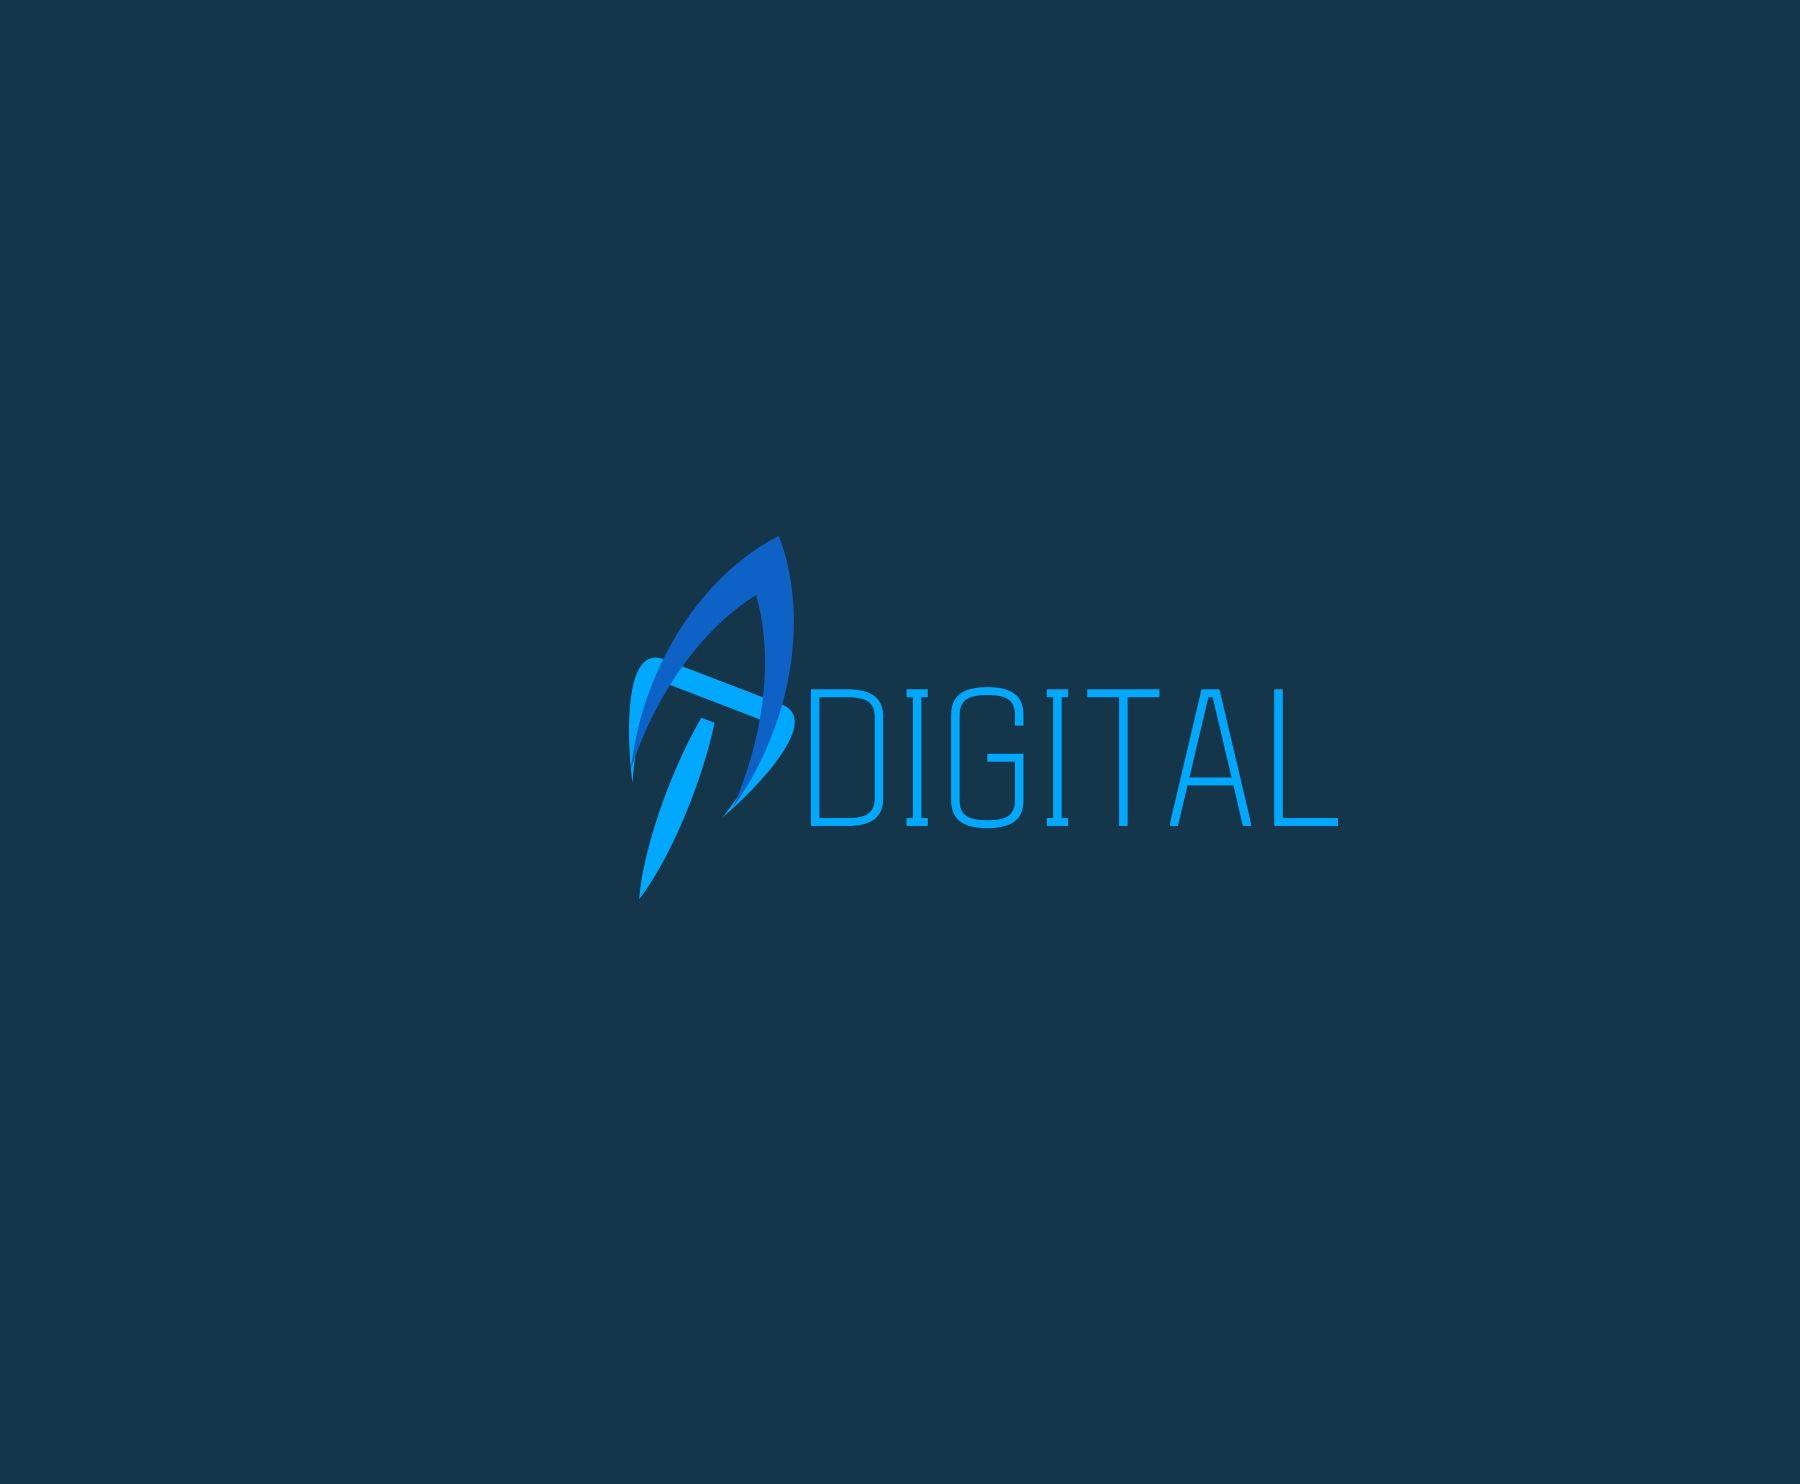 Логотип для ATDigital - дизайнер kras-sky